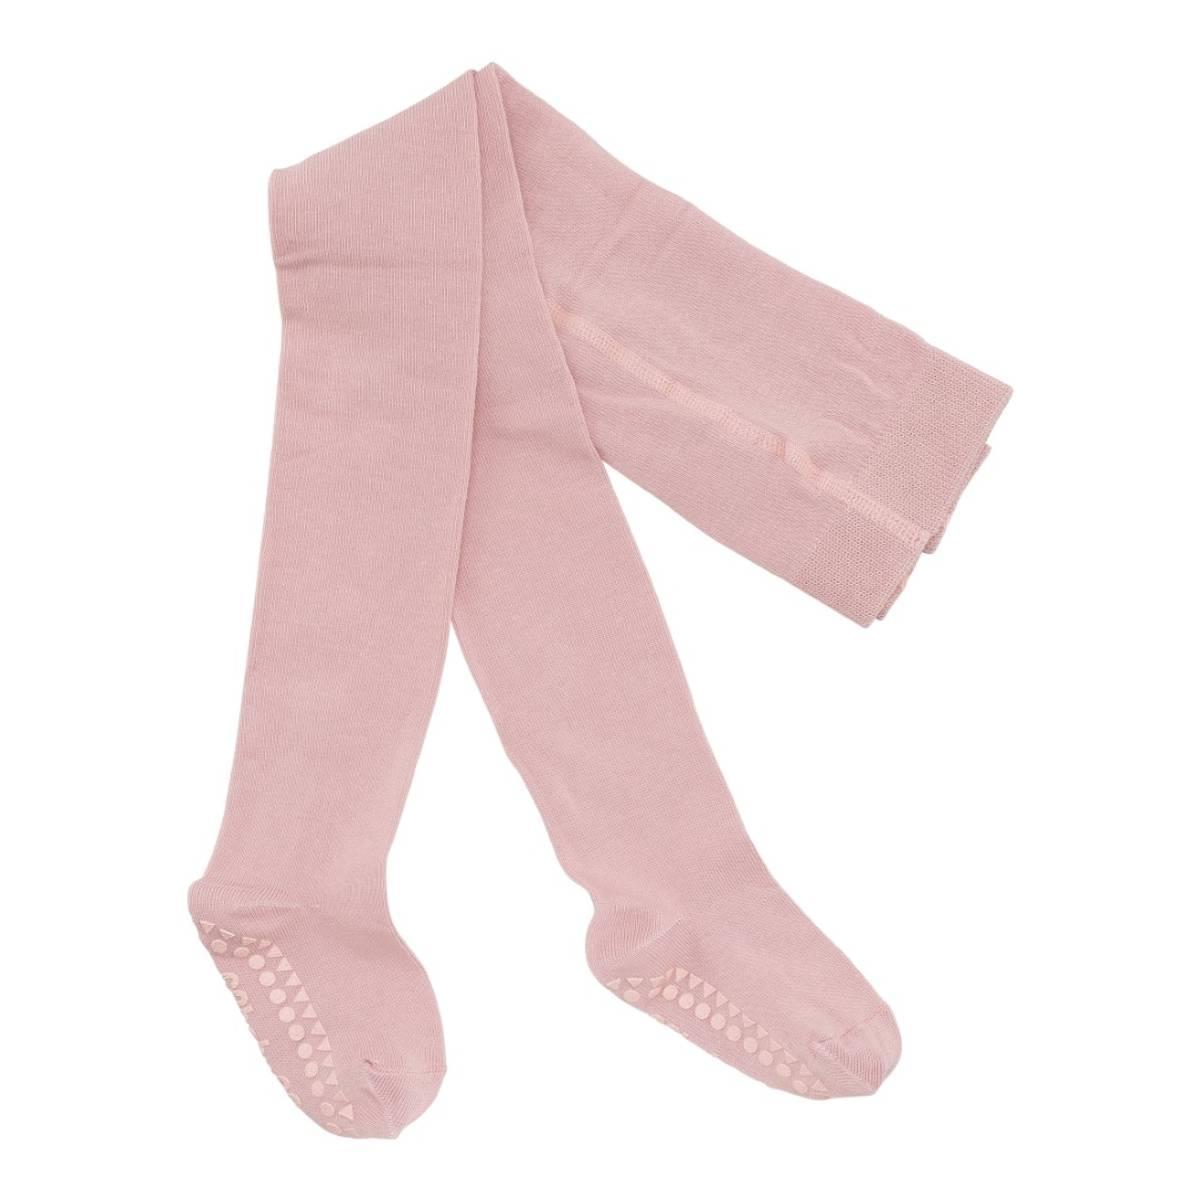 GoBabyGo antiskli strømpebukse - rosa